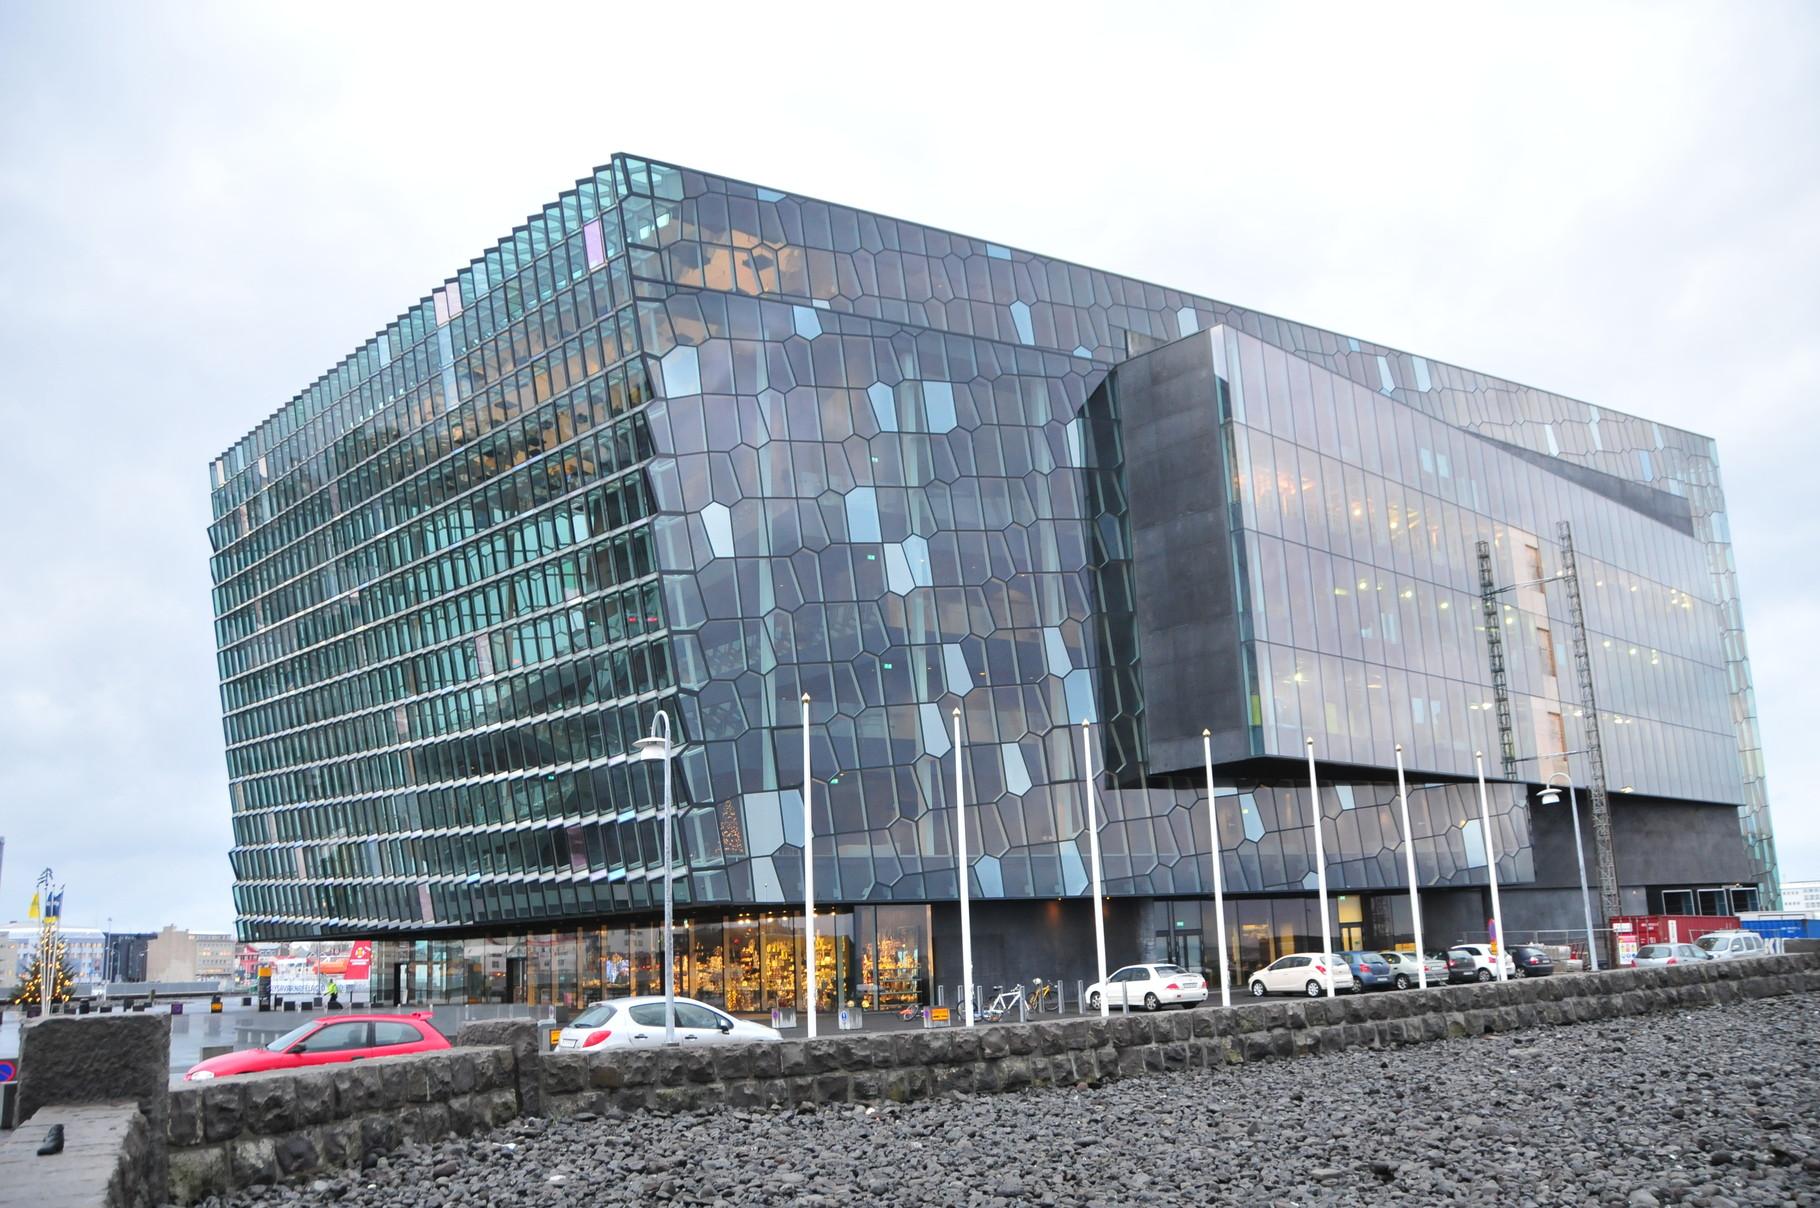 Konzert- und Kongresszentrum